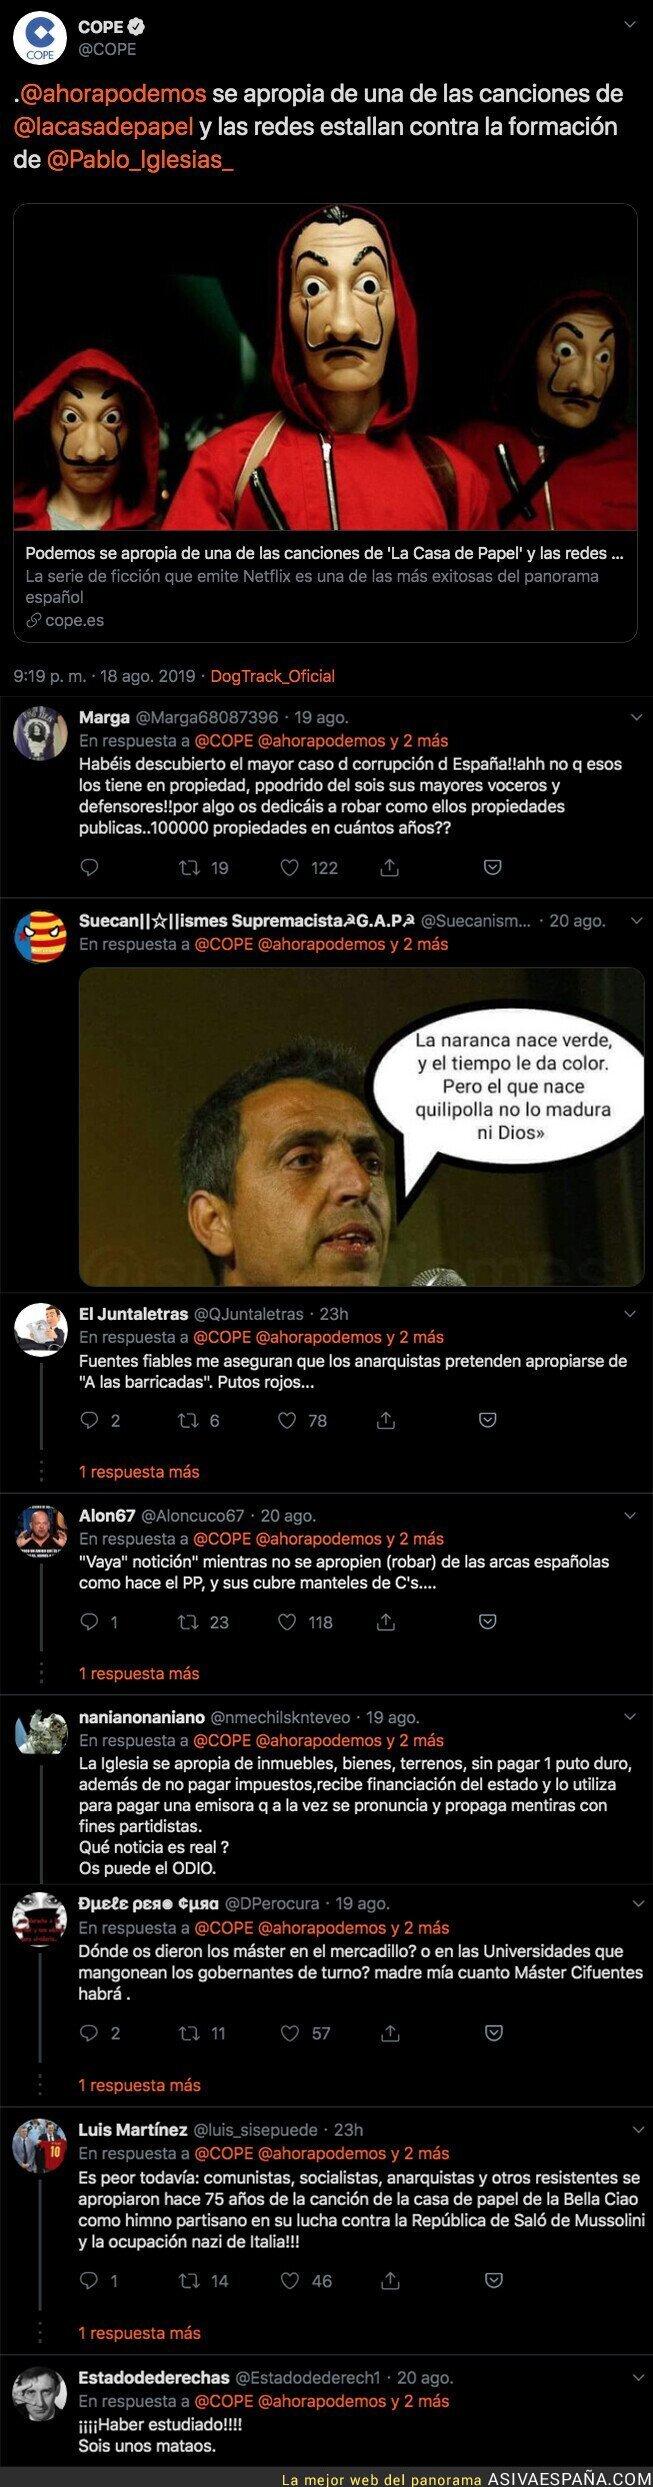 119129 - La COPE habla de apropiación de Podemos con la canción 'Bella Ciao' que aparece en La Casa de Papel